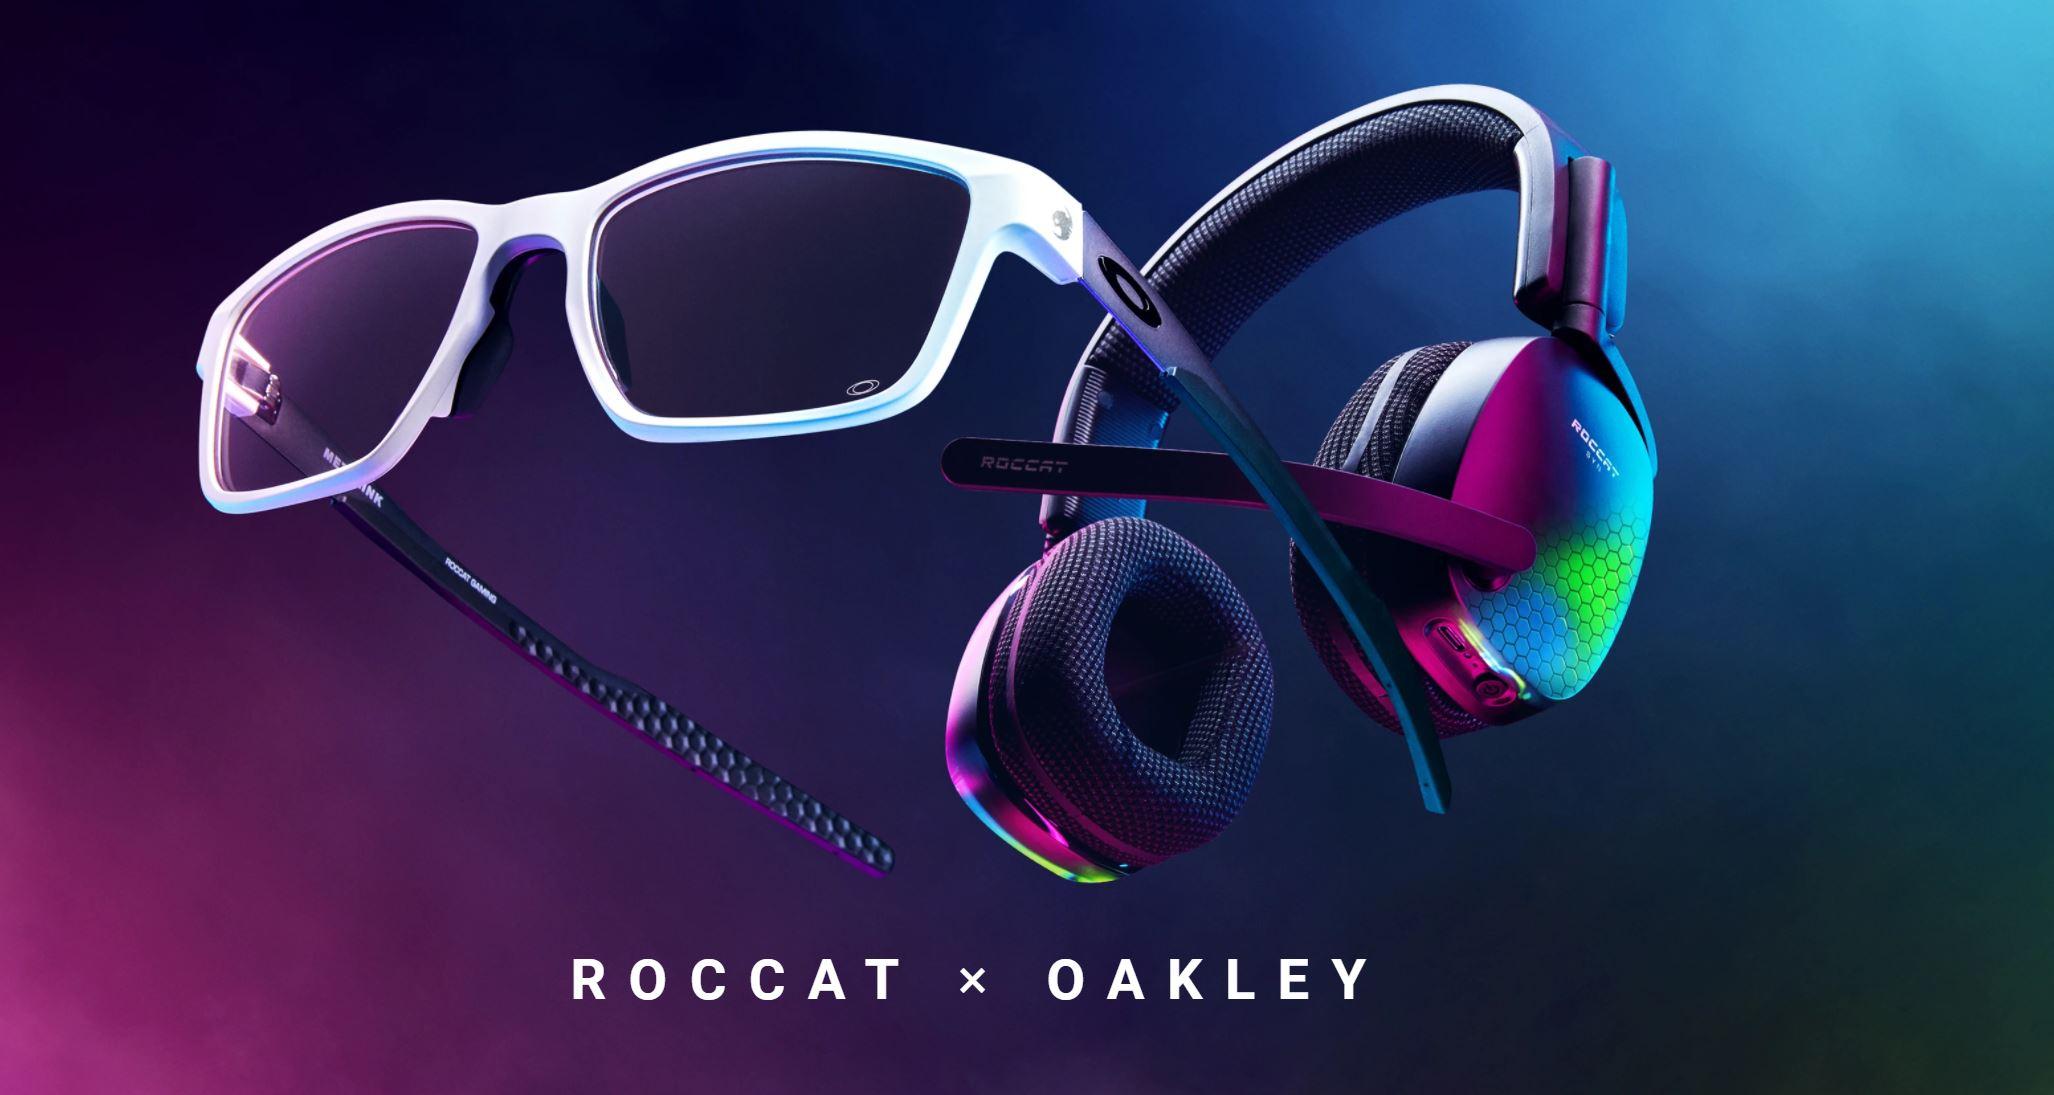 ROCCAT y Oakley lanzan una edición limitada de anteojos para jugar en PC , GamersrD